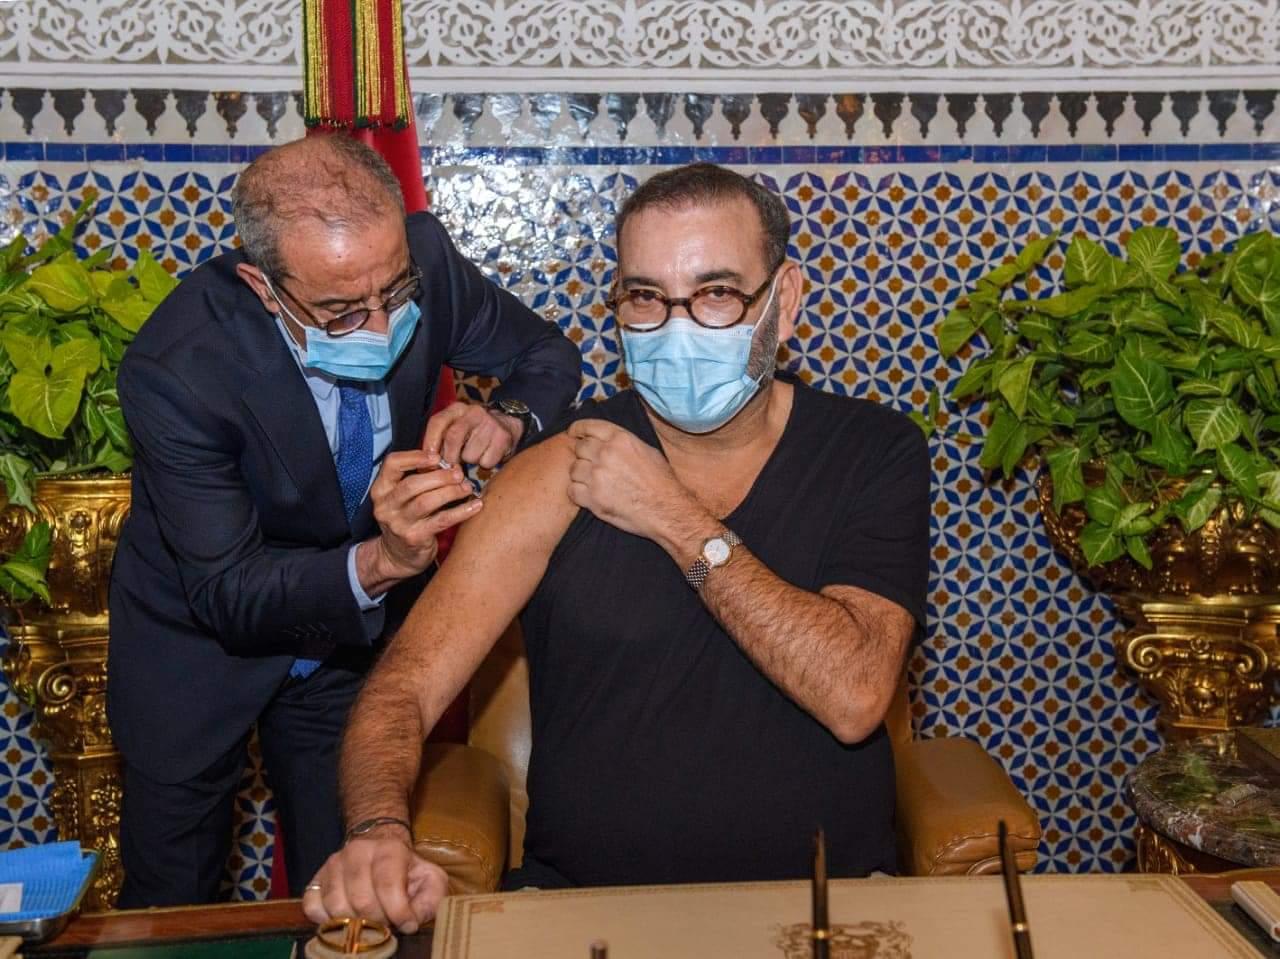 صورة الملك يتلقى الجرعة الأولى ويعلن إطلاق الحملة الوطنية للتلقيح